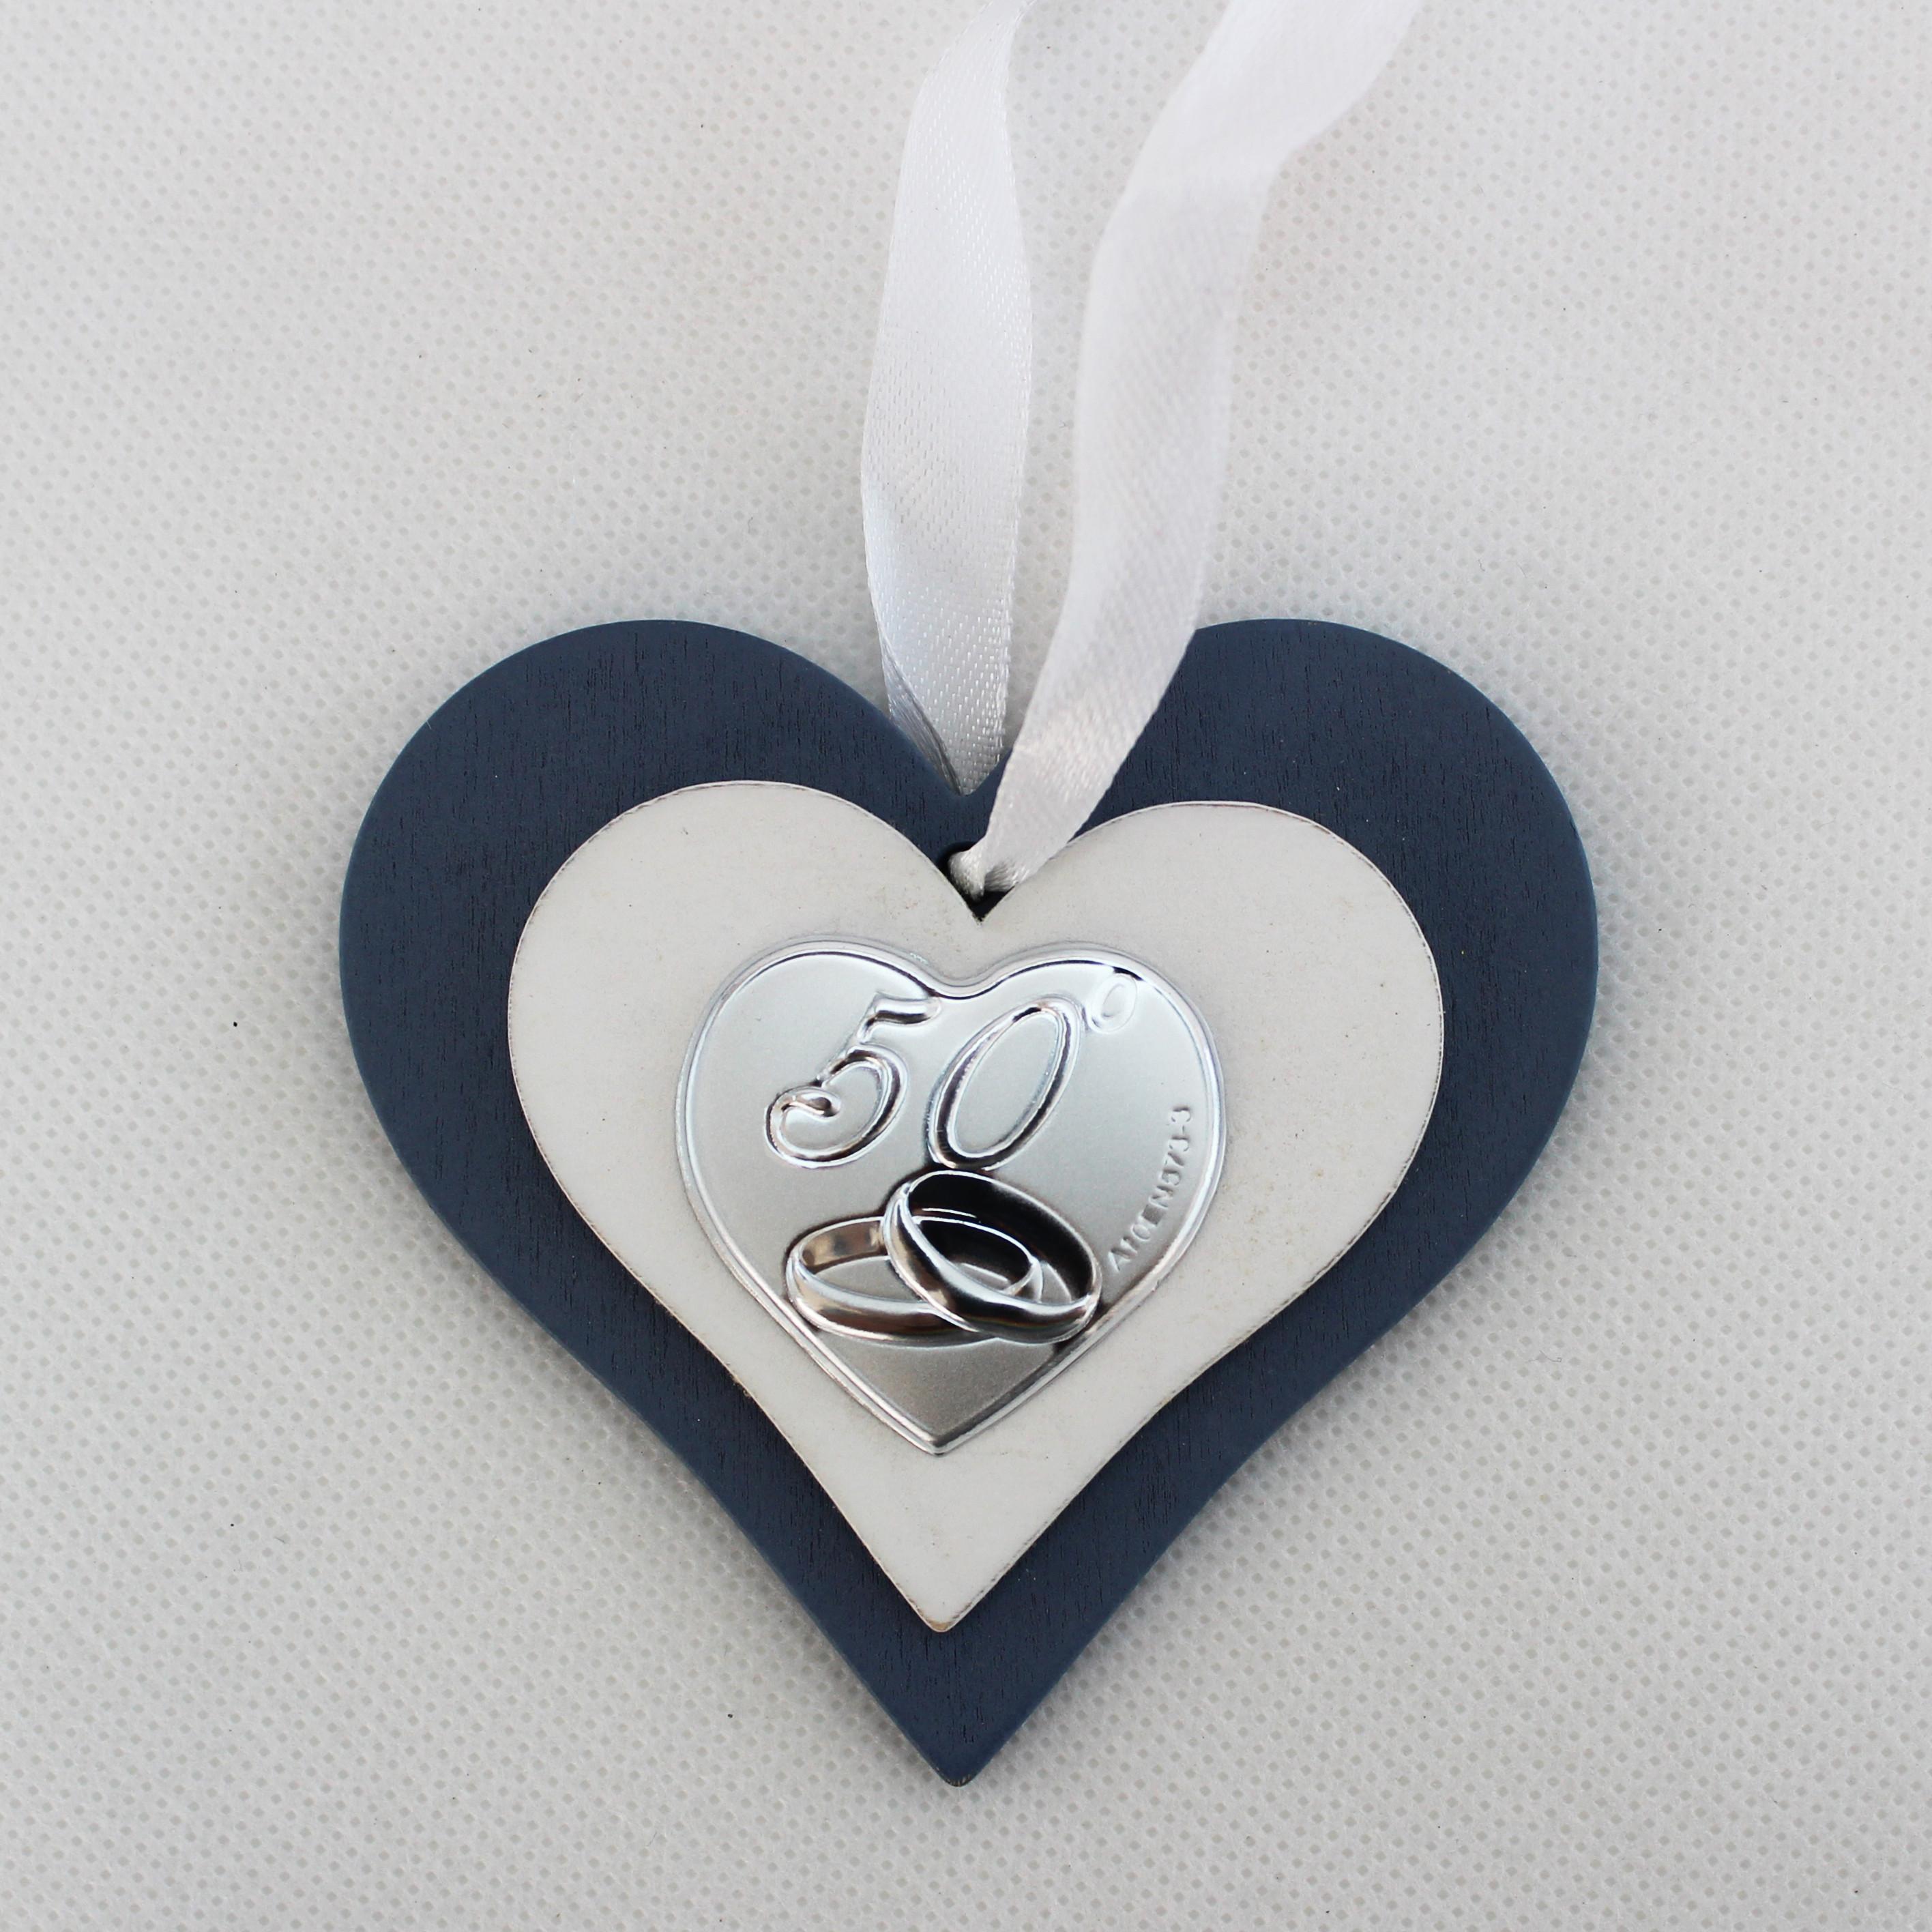 Icona cuore in legno per 50 anniversario matrimonio con scatola